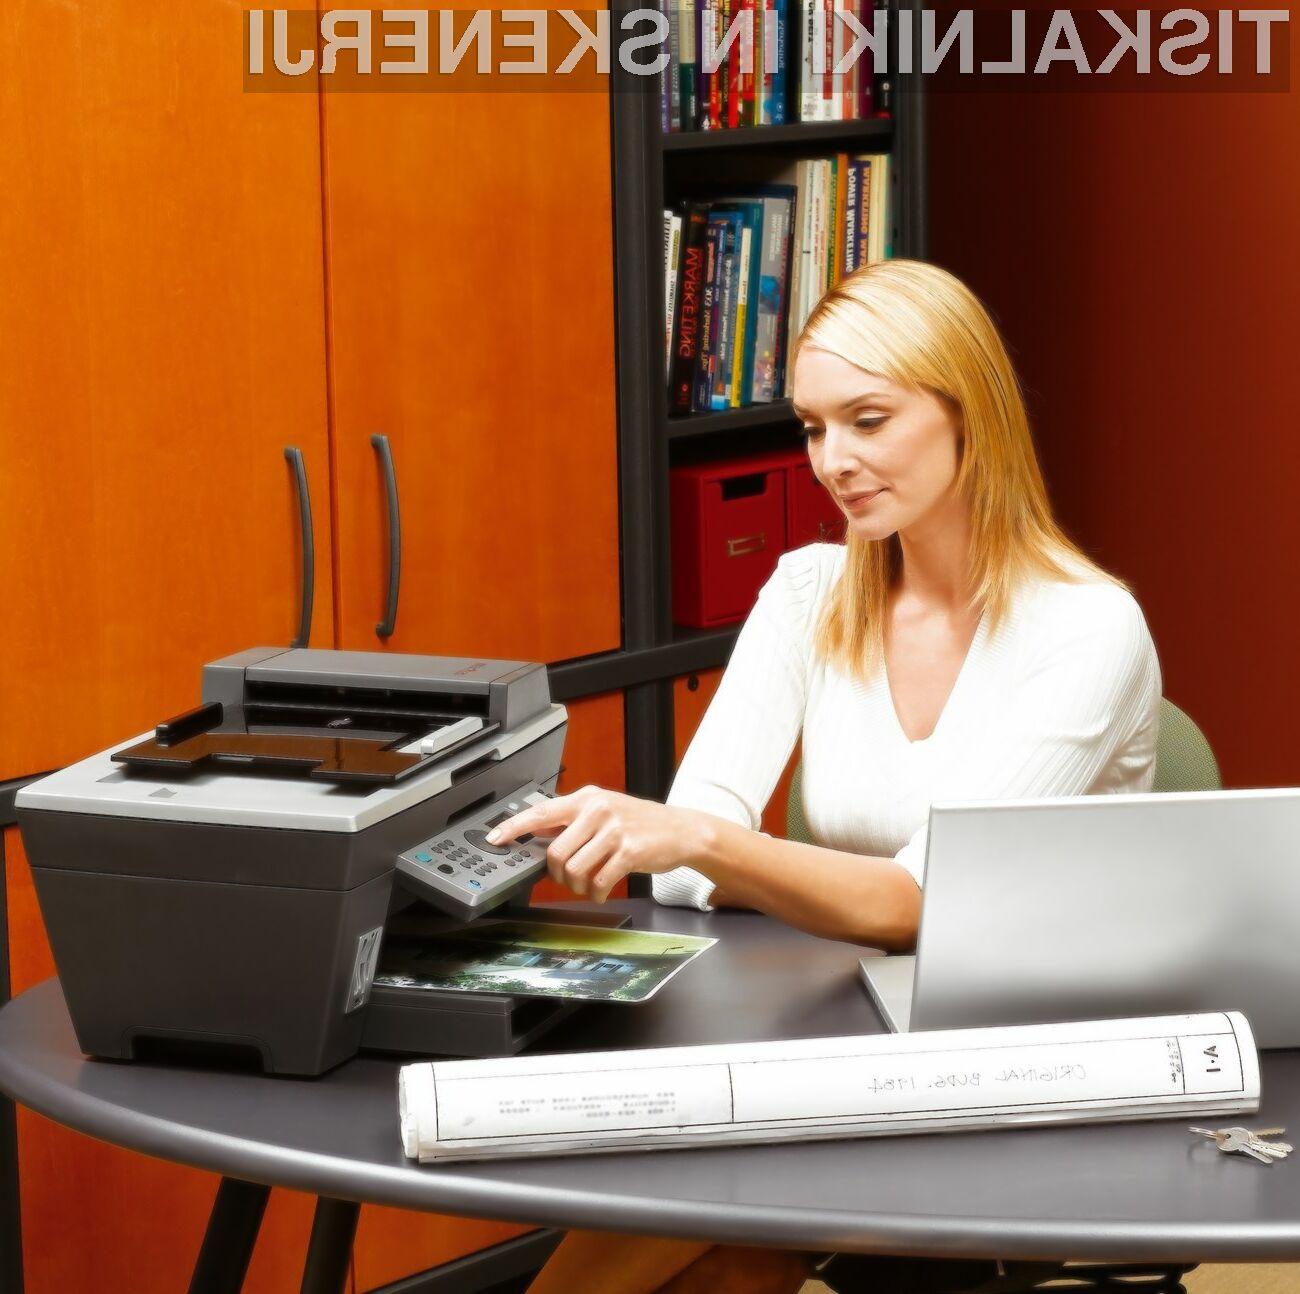 Lexmark je s korporacijo BASF podpisal večletno vzdrževalno pogodbo za področje tiskanja.